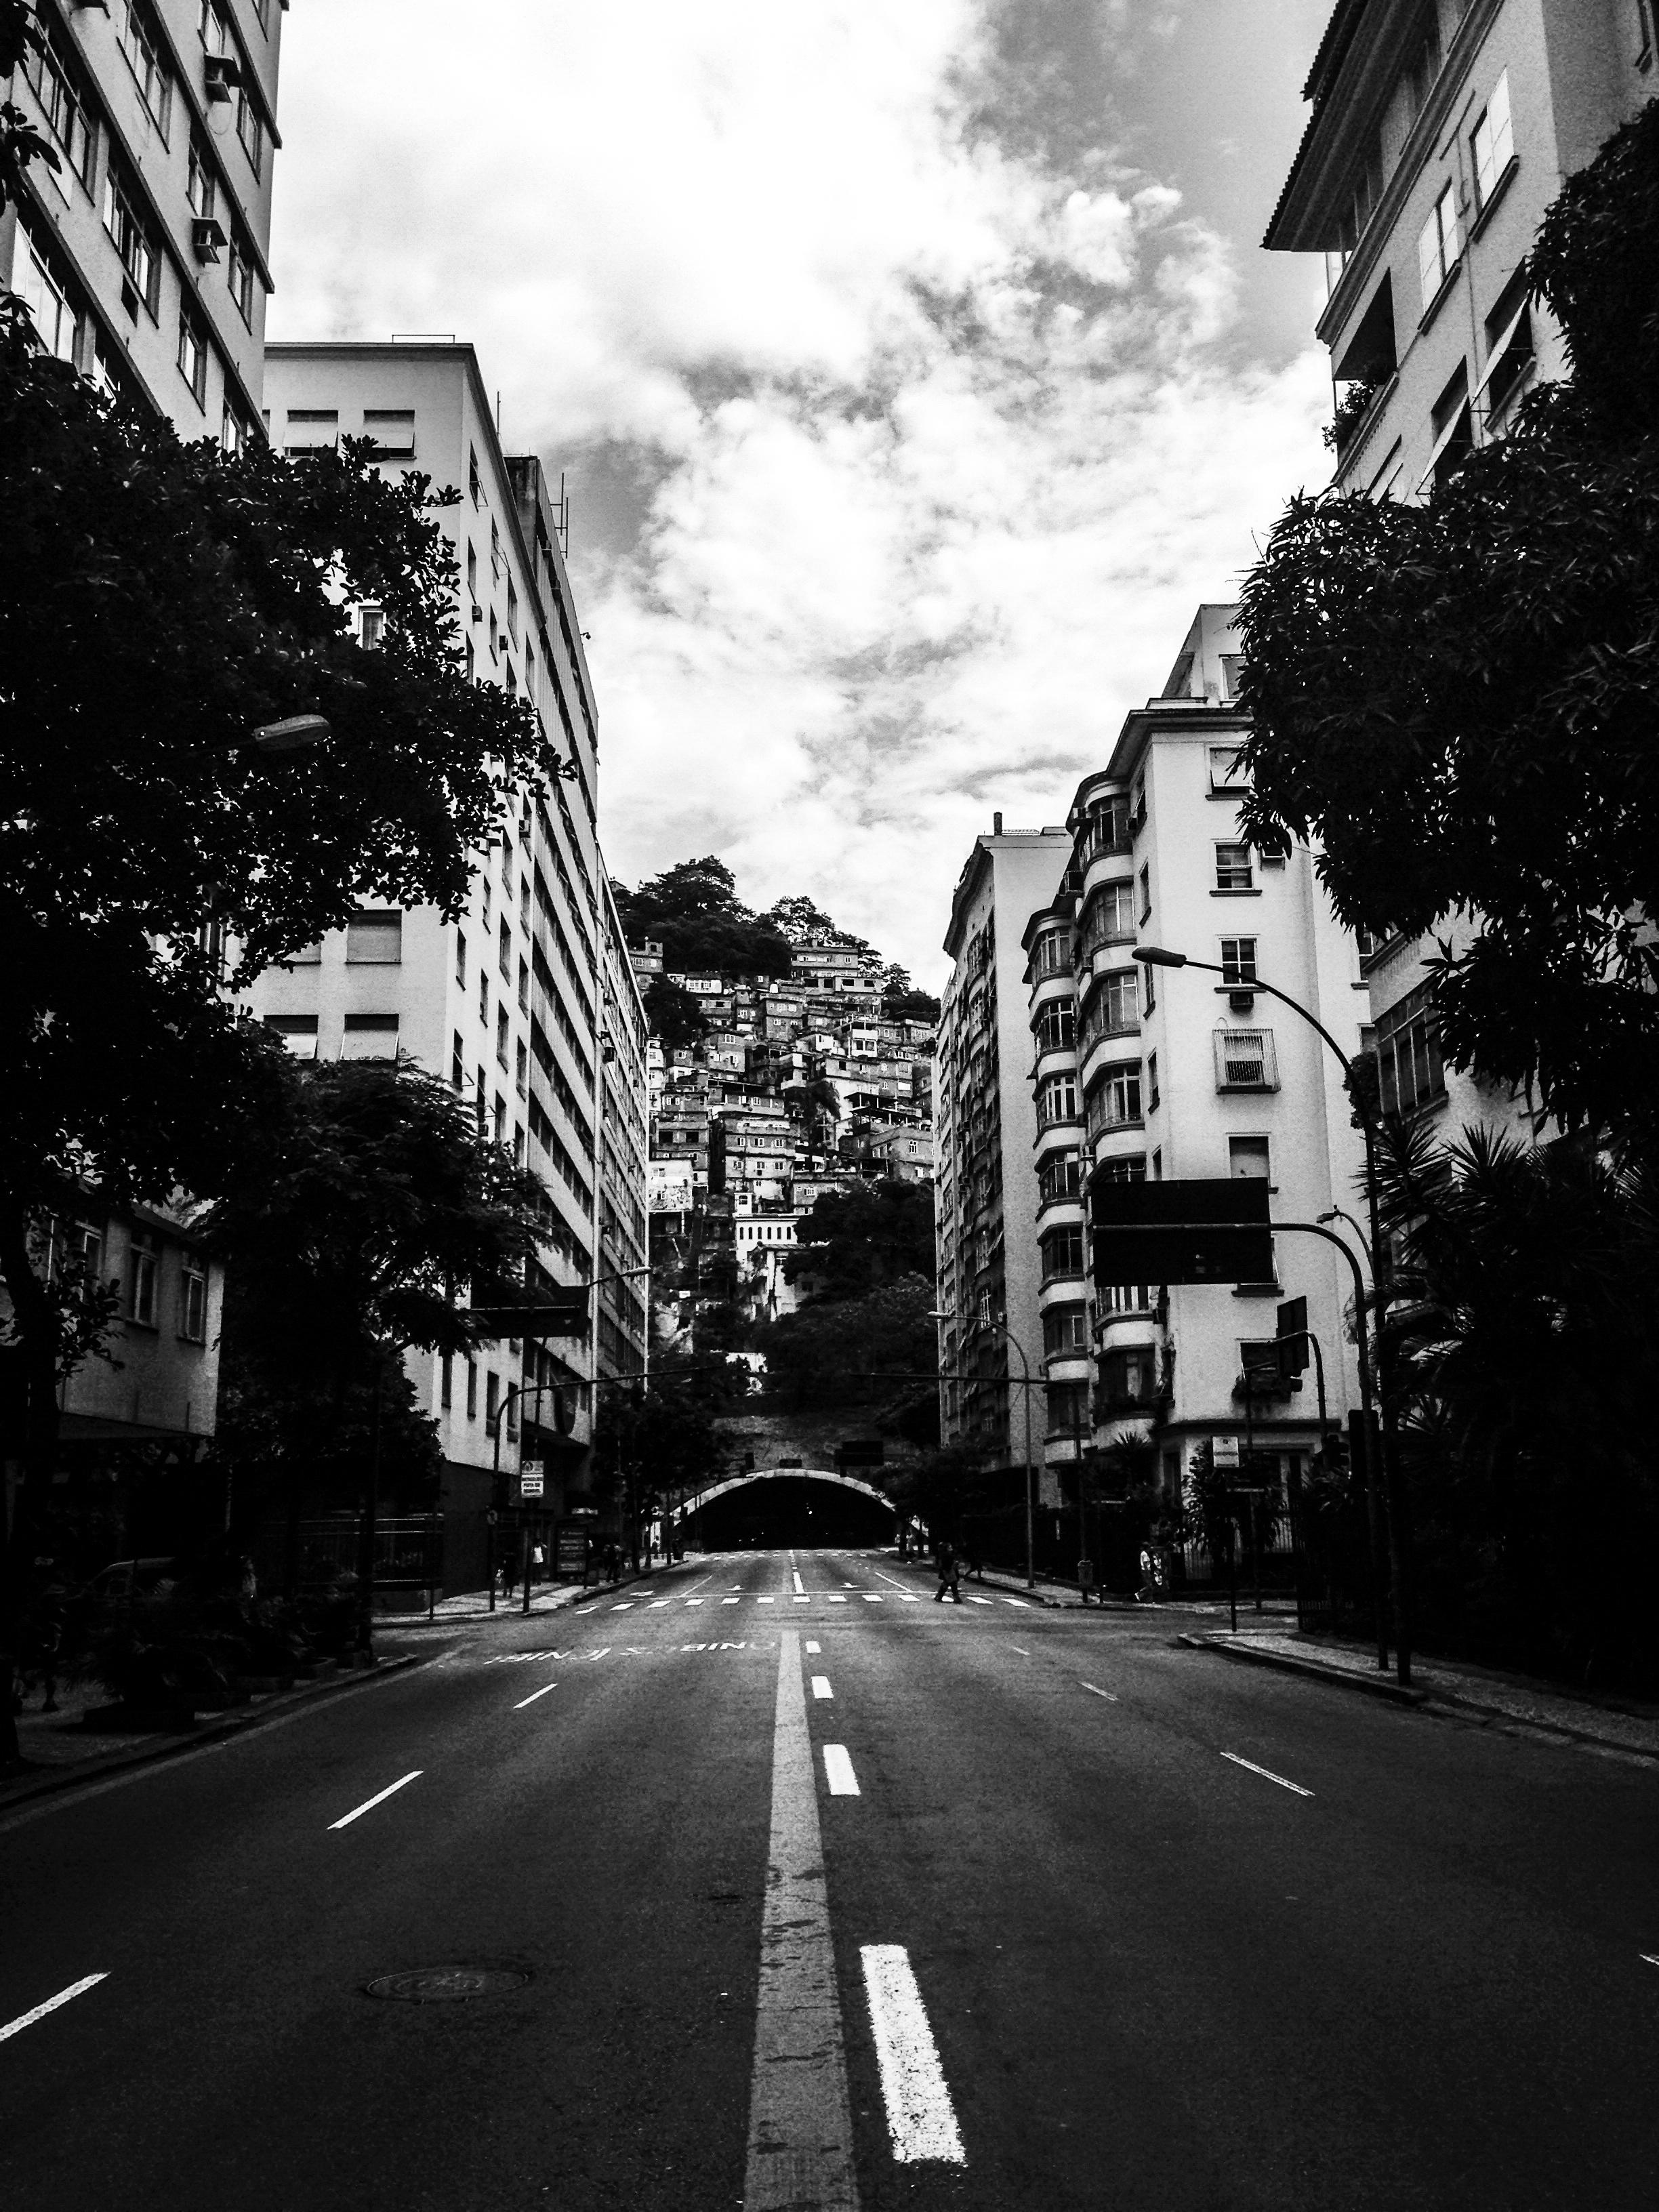 черно белое фото качественней чем цветное городскую общину любляна